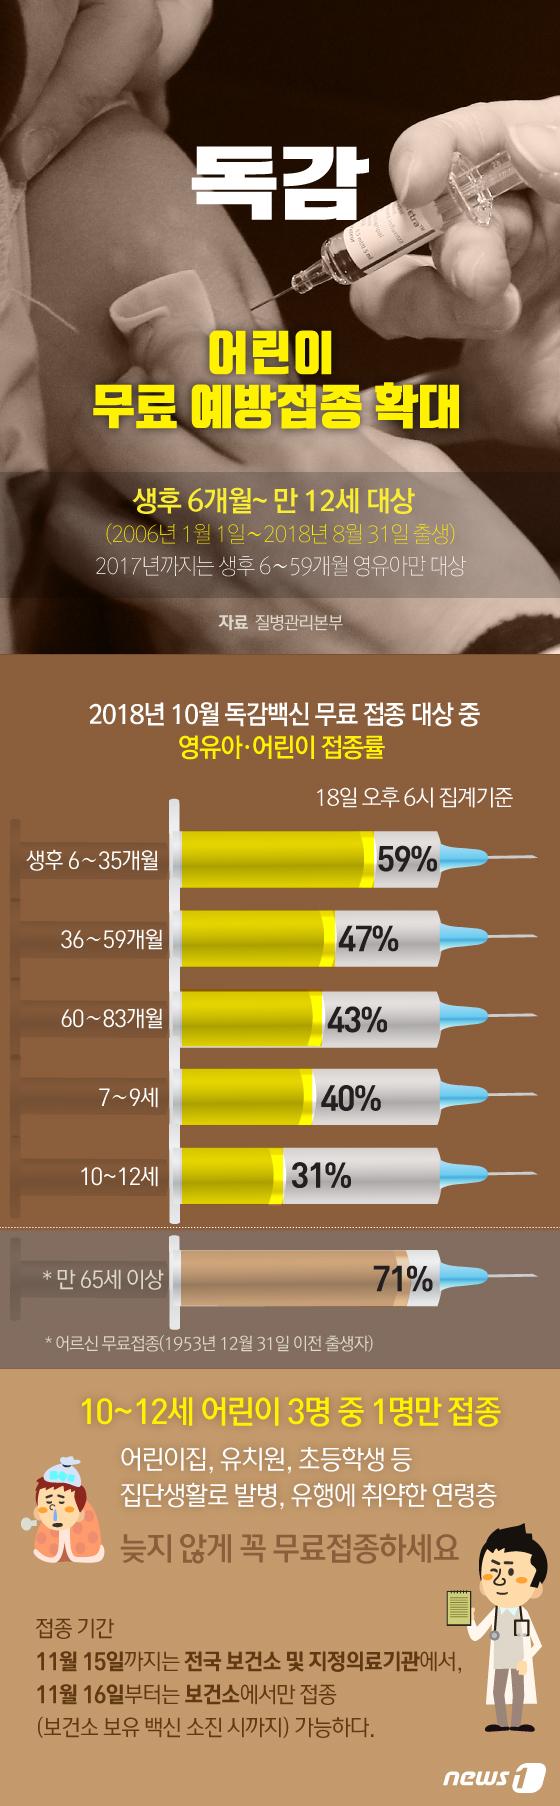 [그래픽뉴스] 어린이 독감백신 무료접종